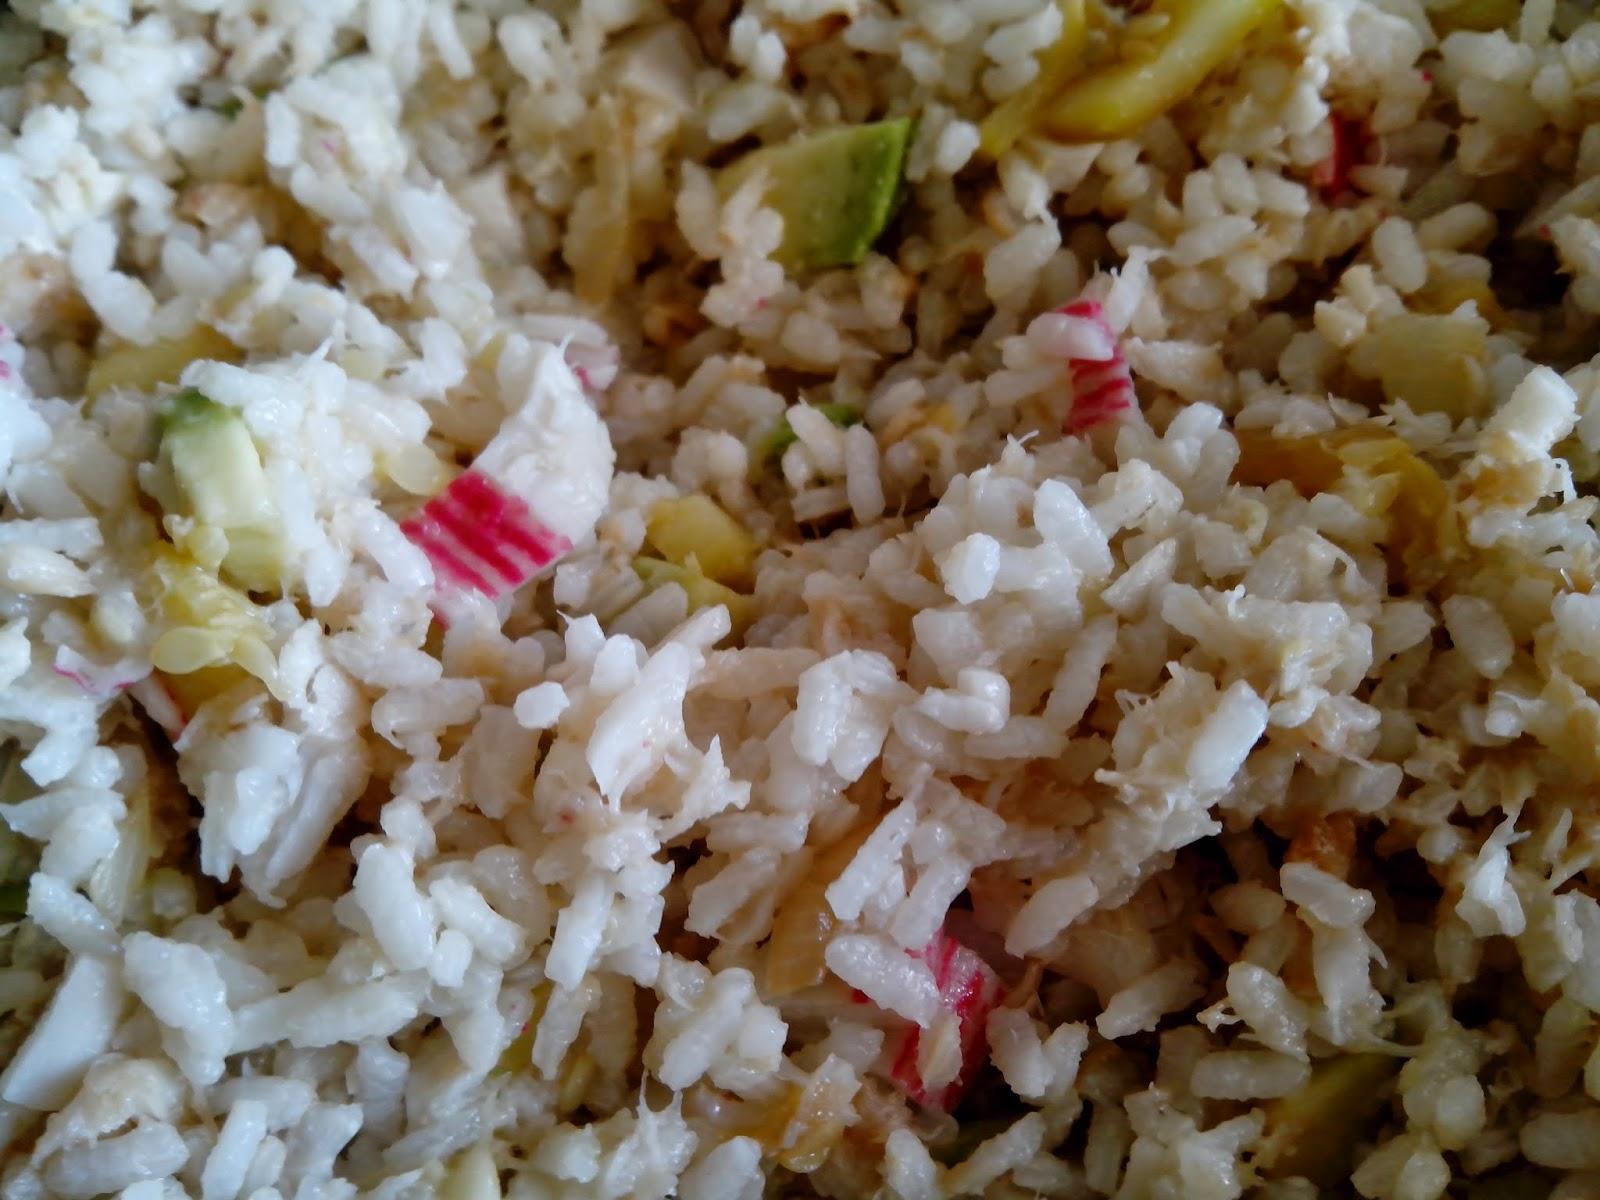 Fotografía del arroz acabado.